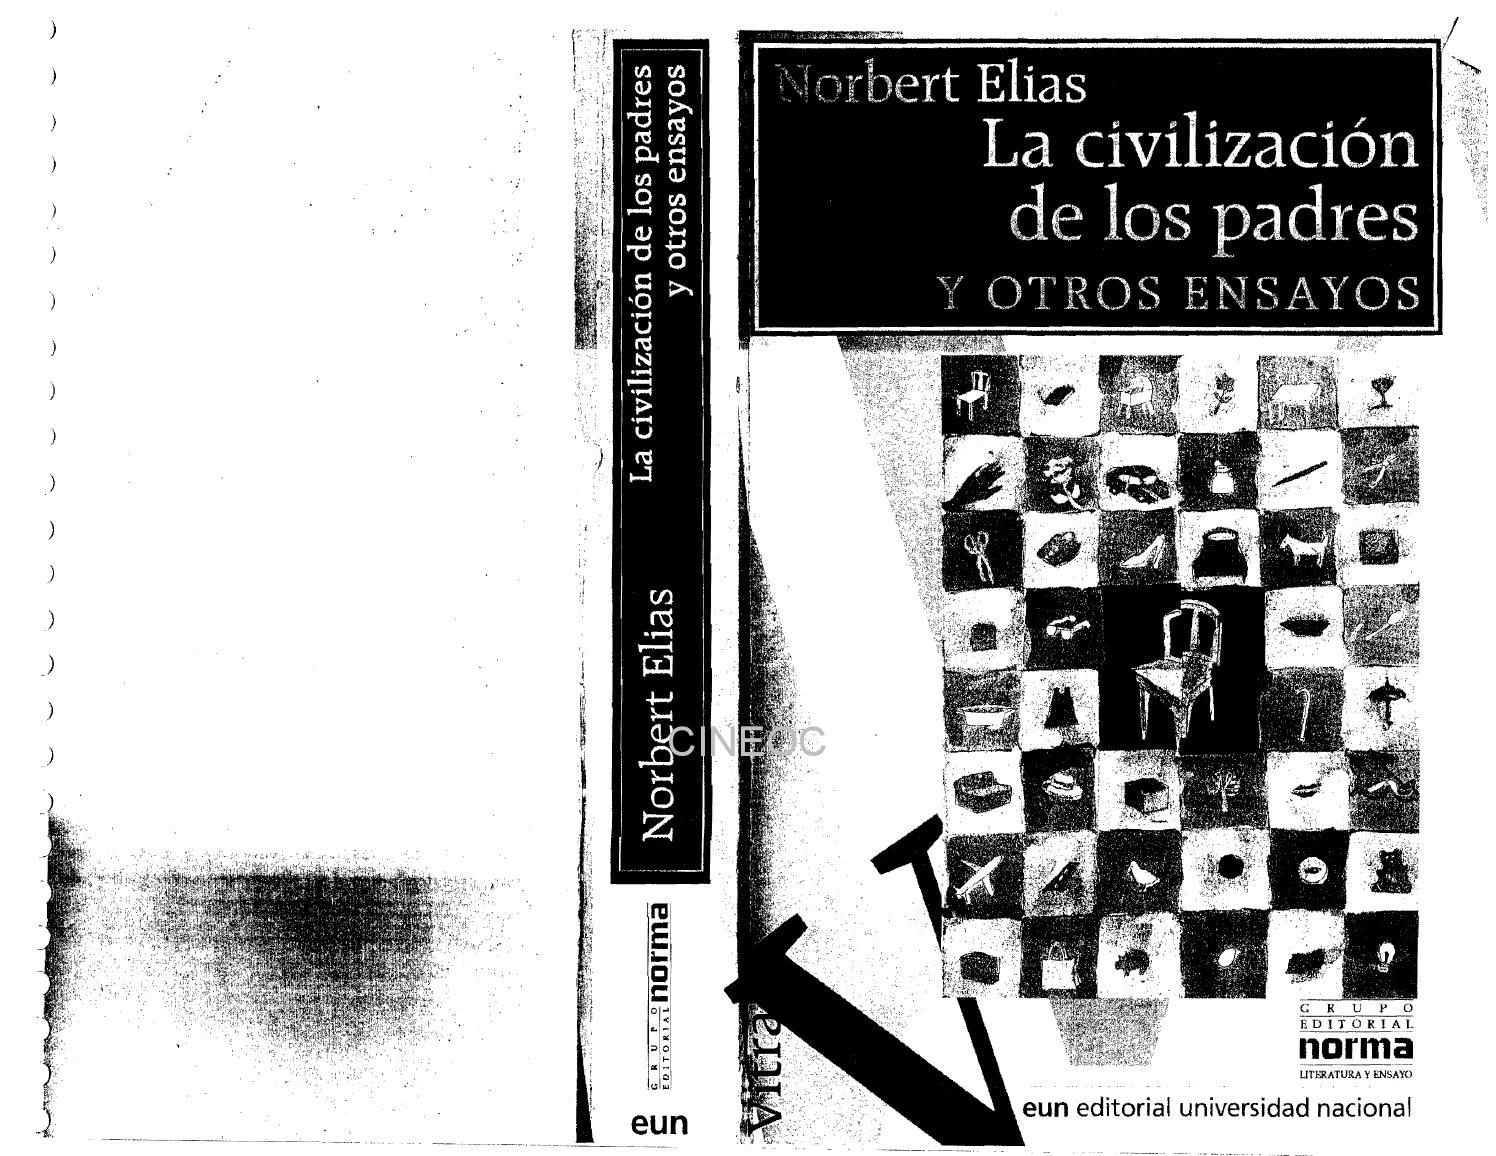 Norbert Elias - La civilizacion de los padres by David Escobar - issuu